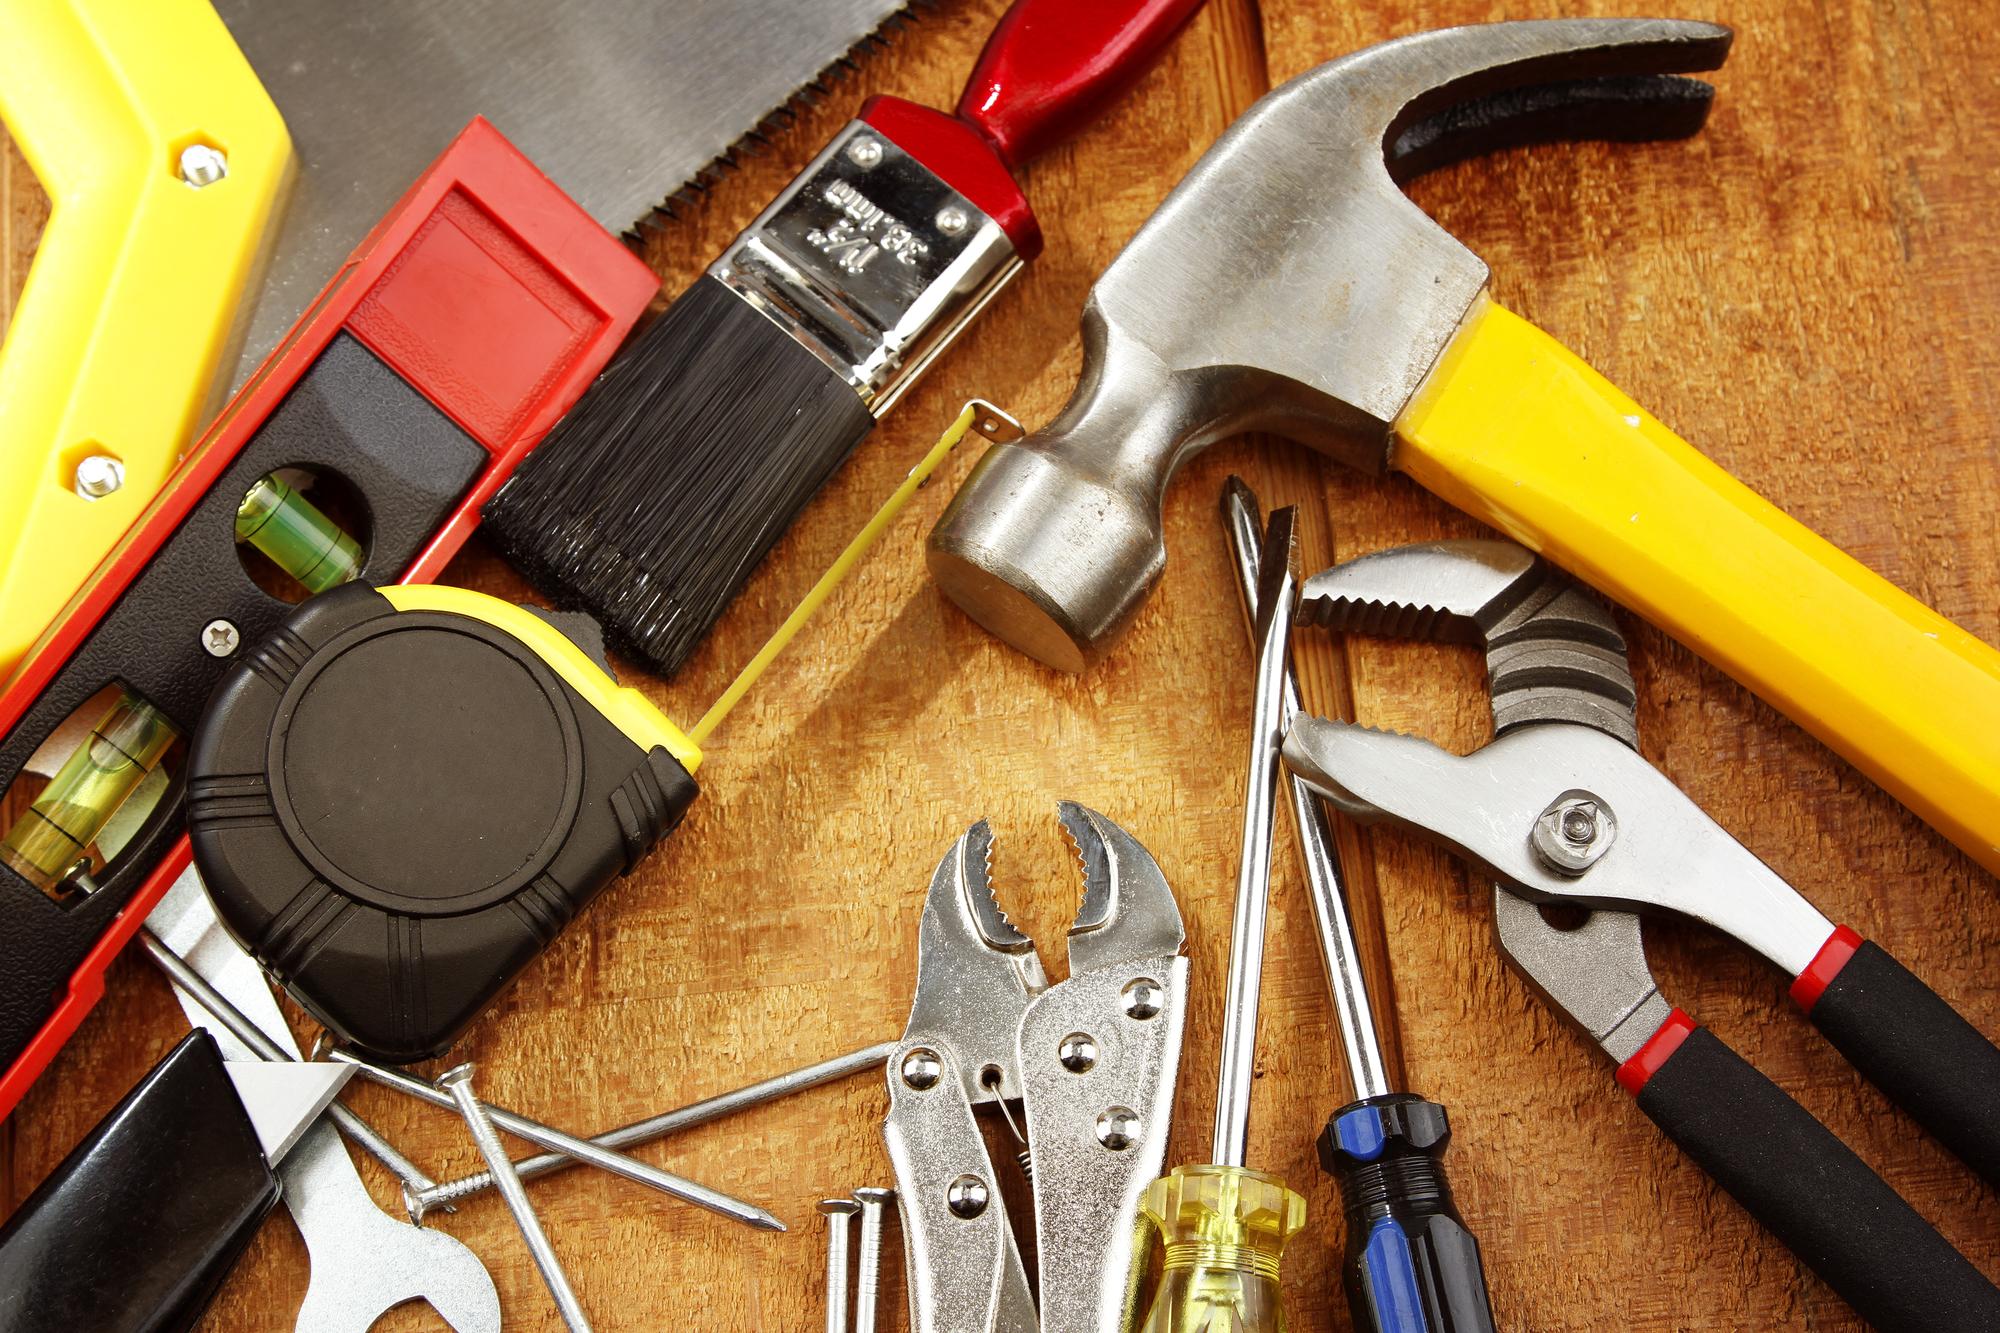 Картинки с инструментами строительными материалами